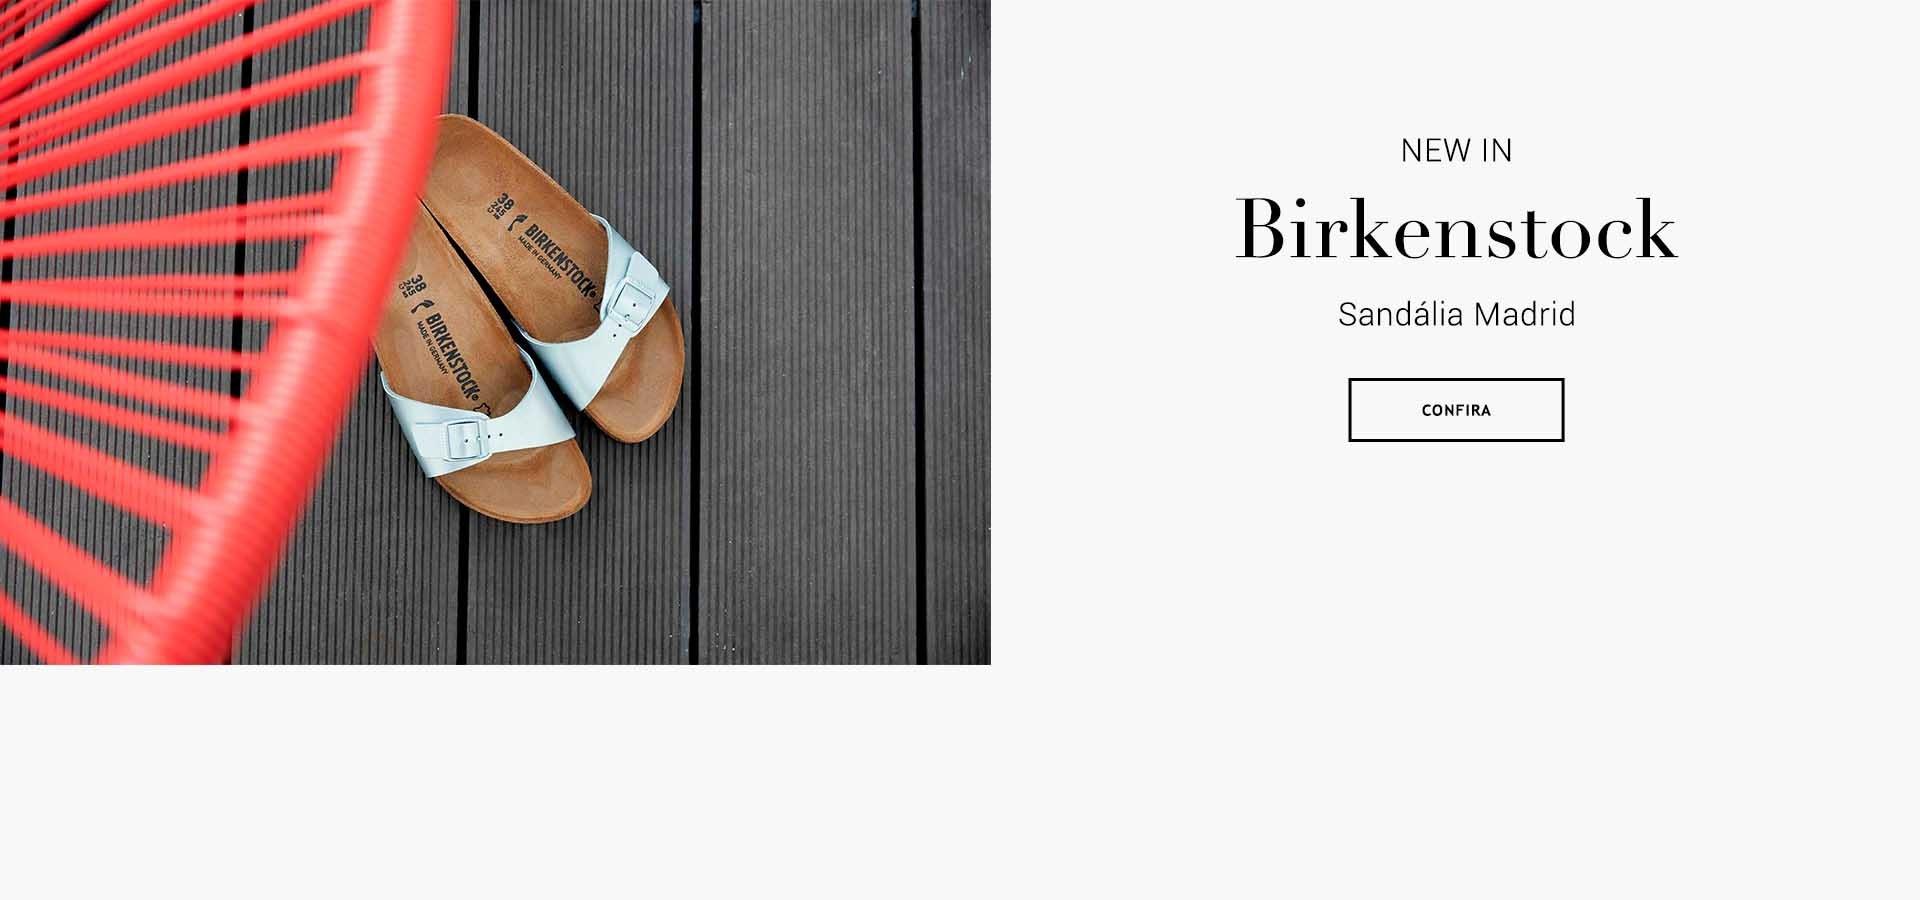 Birkenstock calçados de qualidade premium Sandálias com palmilhas anatômicas Brasil Online. Botão Comprar